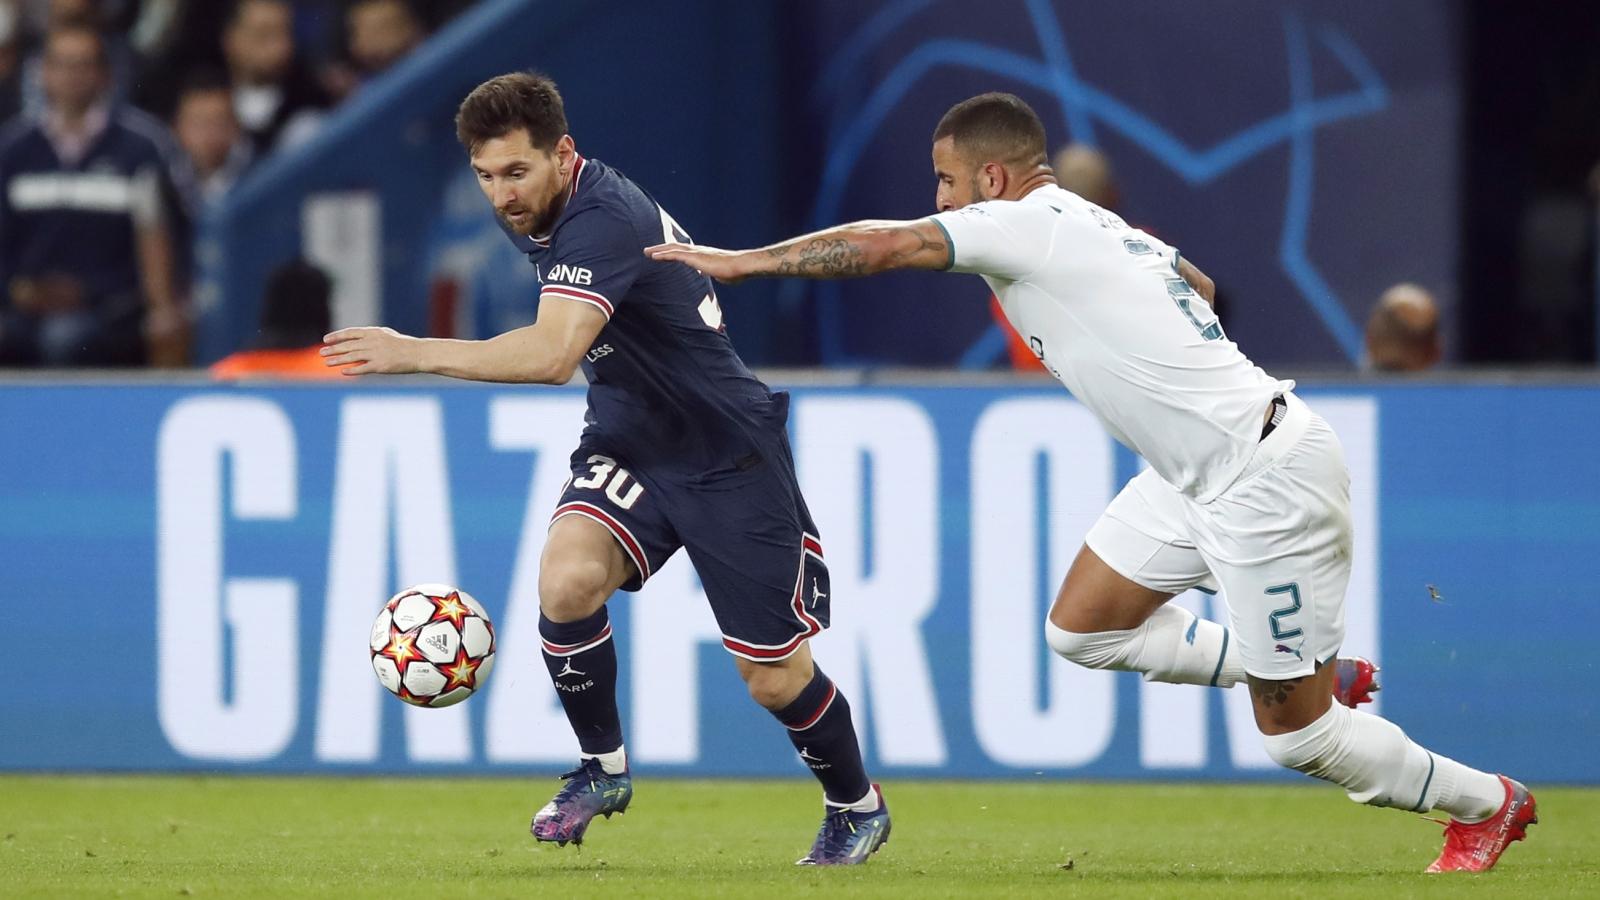 TRỰC TIẾP PSG 1-0 Man City: Messi mờ nhạt, Donnarumma liên tiếp cứu thua